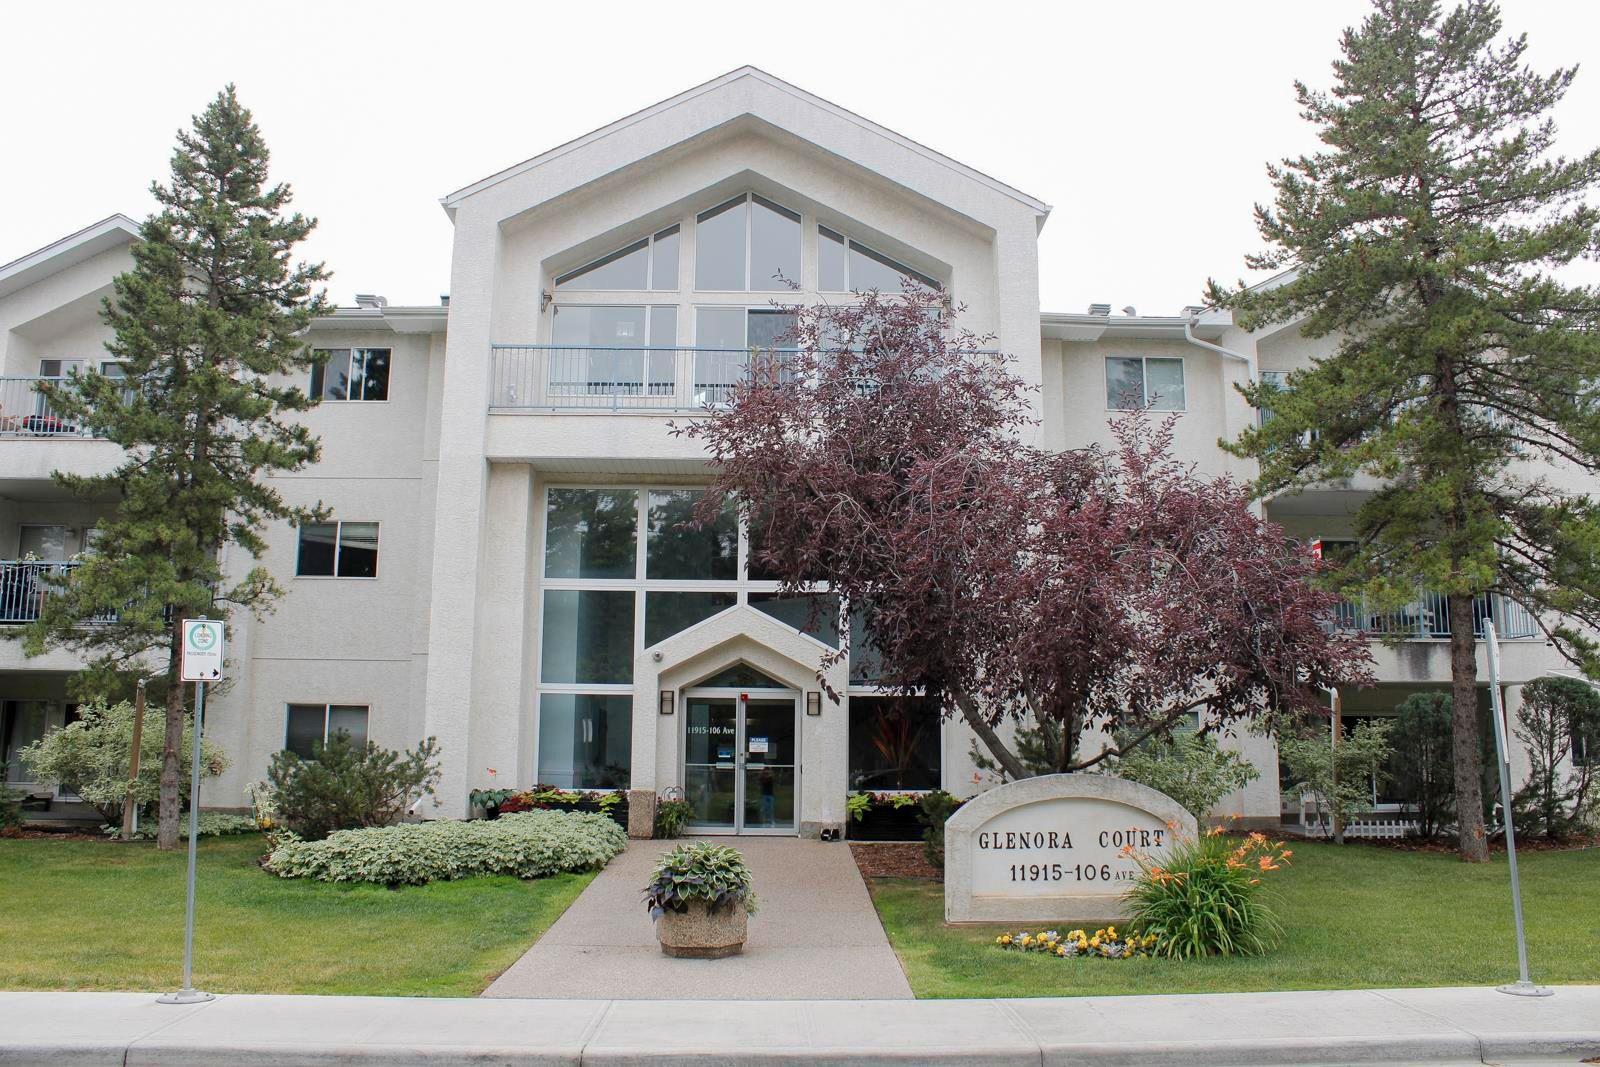 Main Photo: 122 11915 106 Avenue NW in Edmonton: Zone 08 Condo for sale : MLS®# E4255328